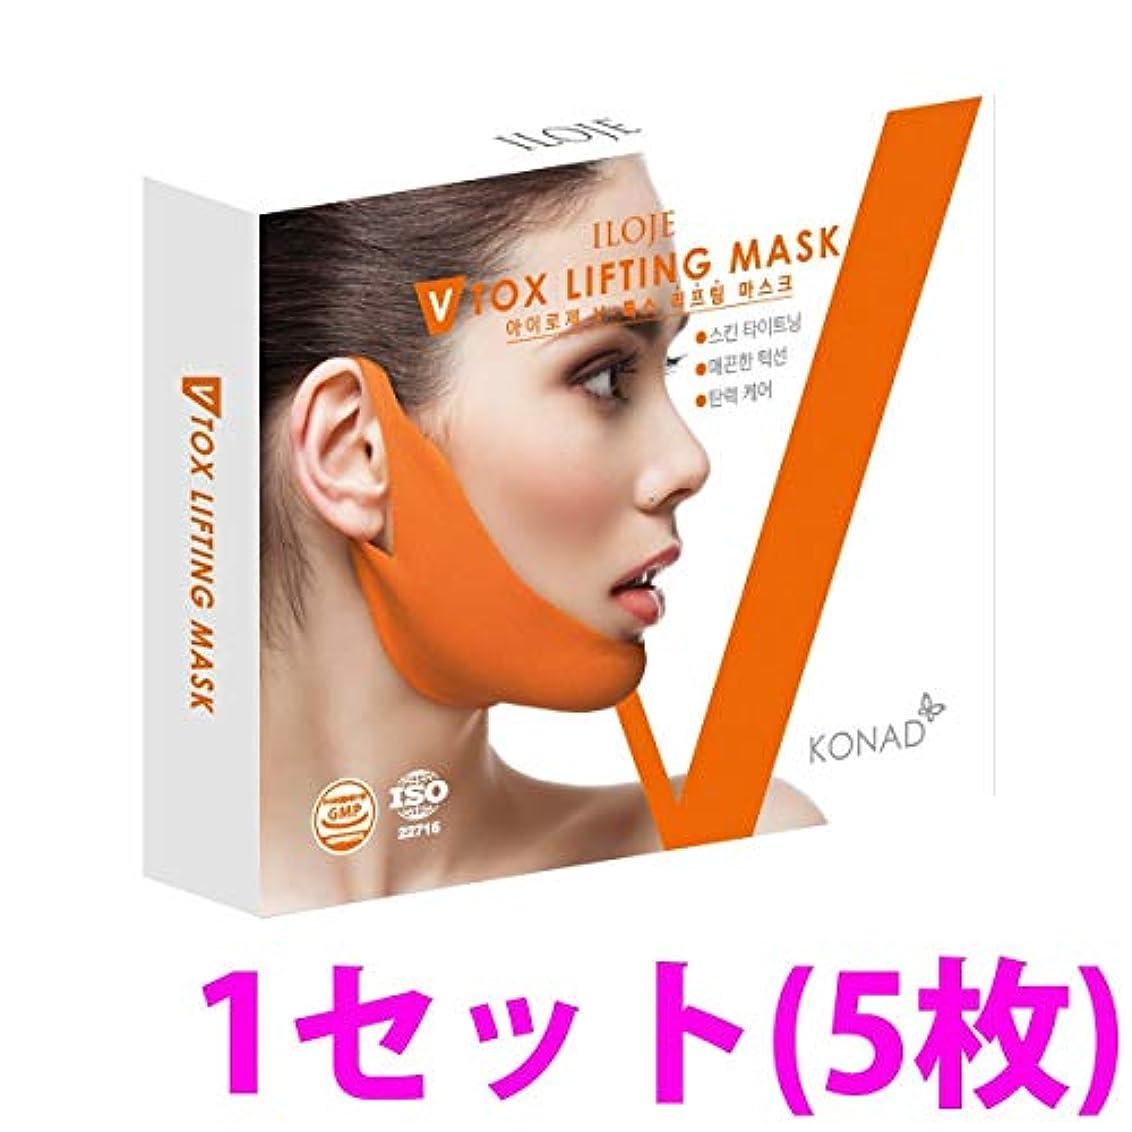 まばたき億拡張女性の年齢は顎の輪郭で決まる!V-TOXリフティングマスクパック 1セット(5枚)